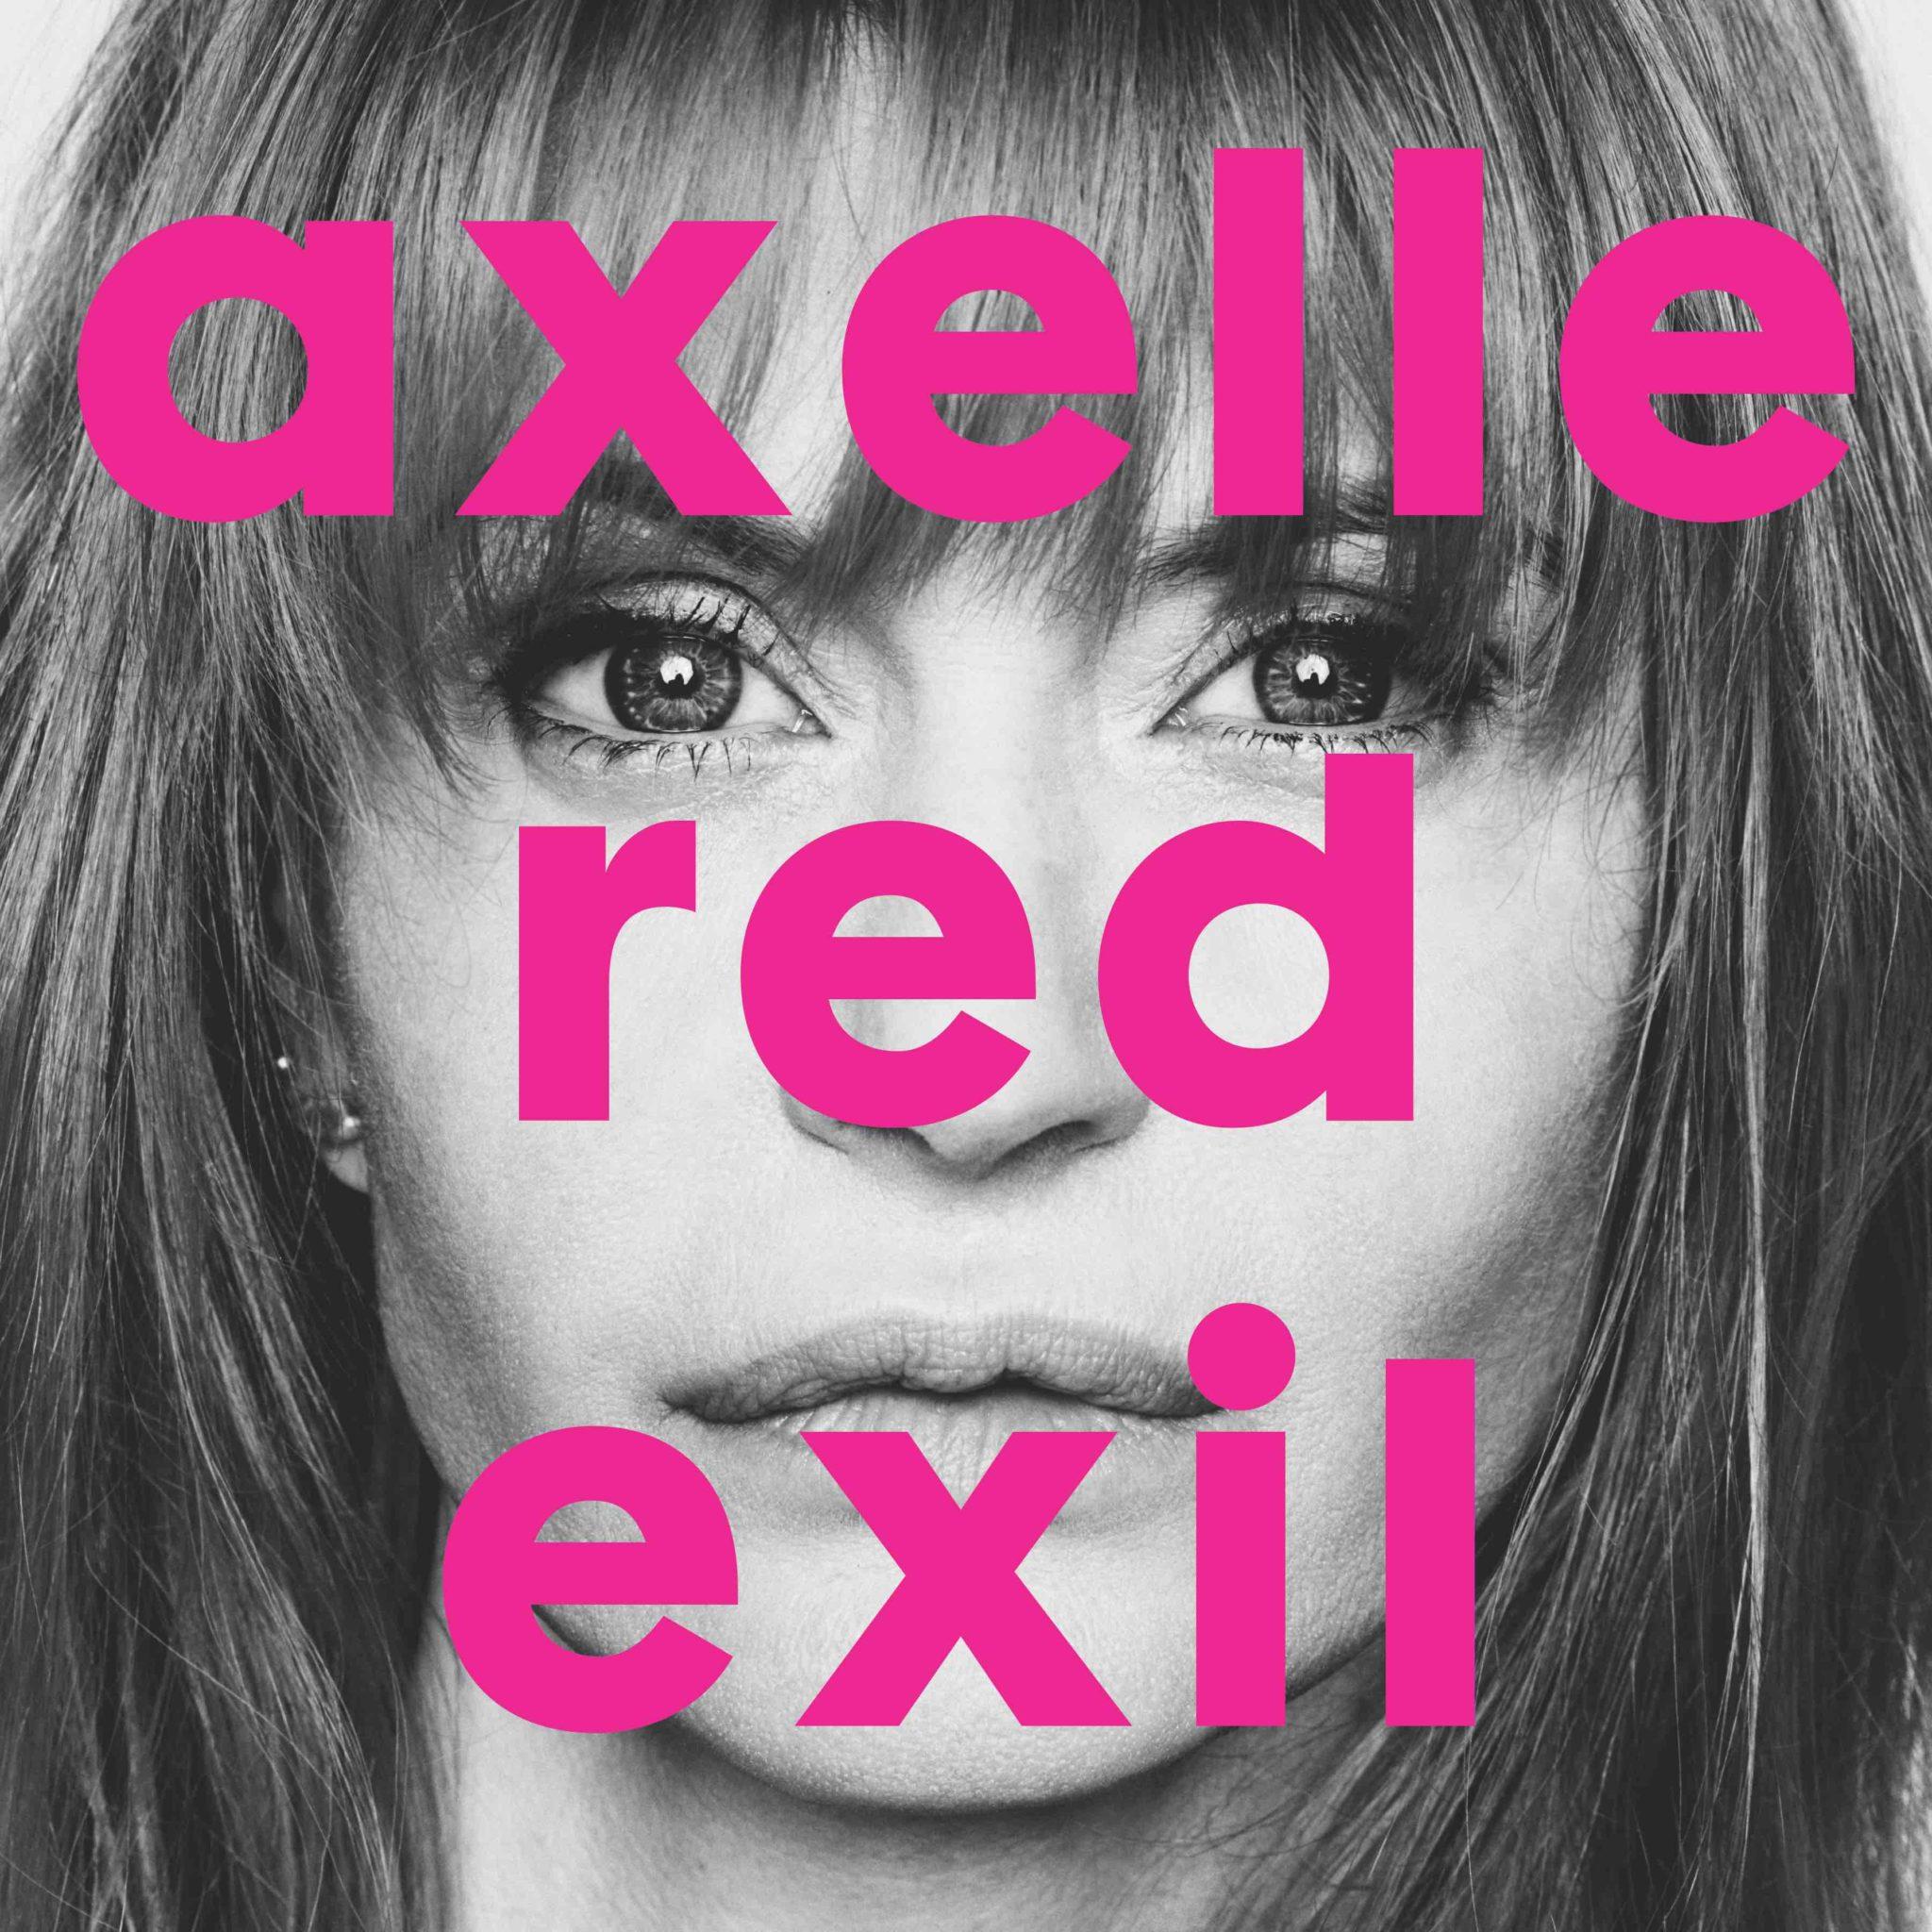 J'écoute (enfin) le nouvel album d'Axelle Red « Exil ».